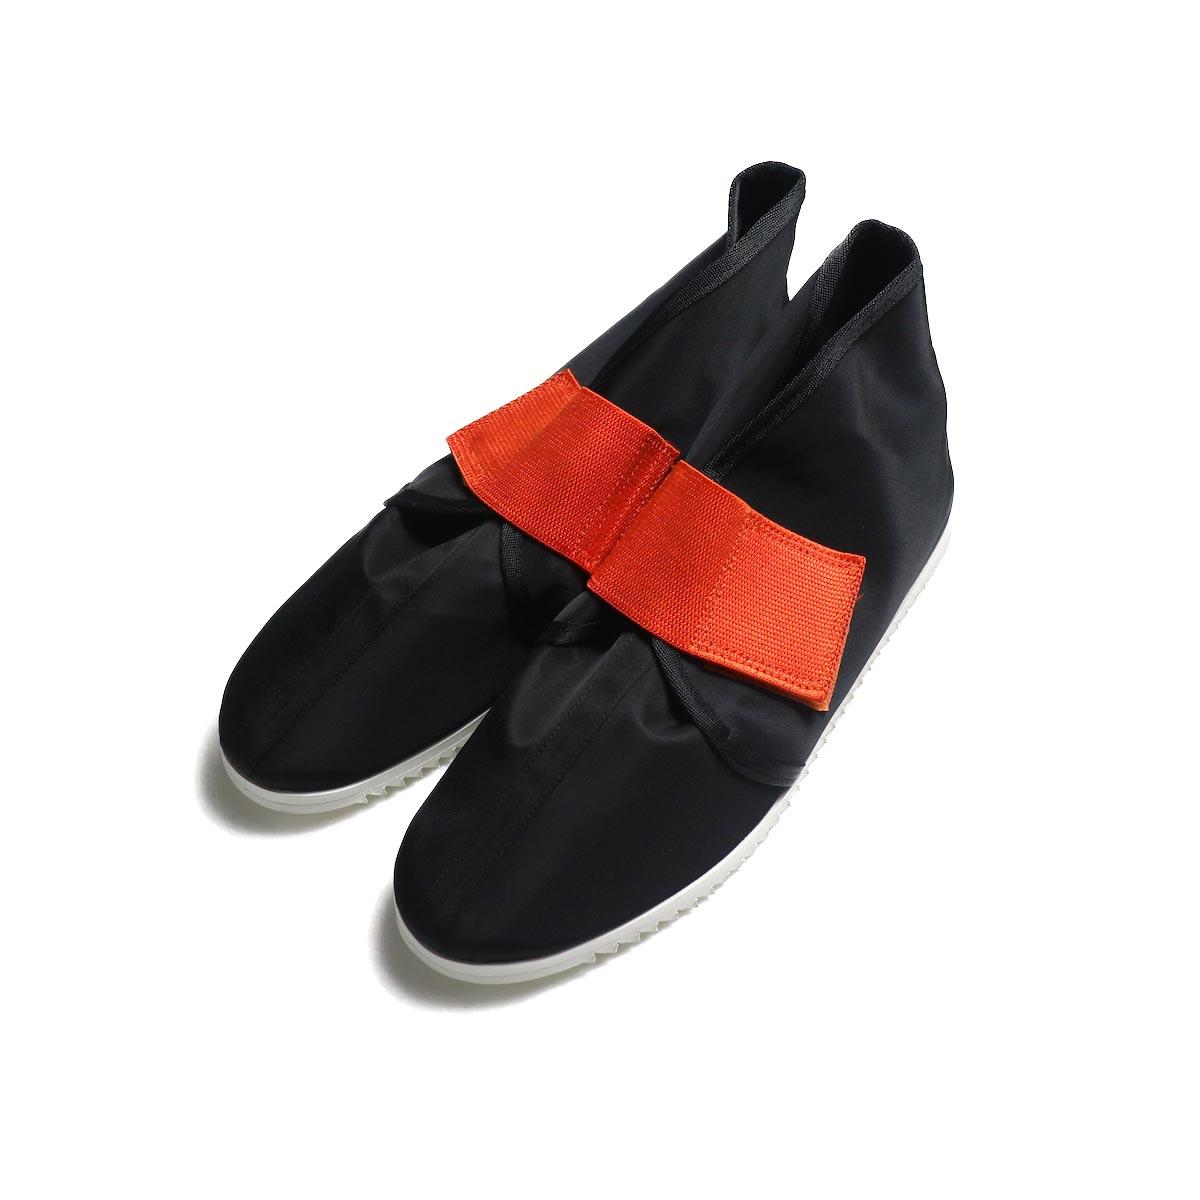 FUMIKA UCHIDA / Nylon Velcro Shoes -Black